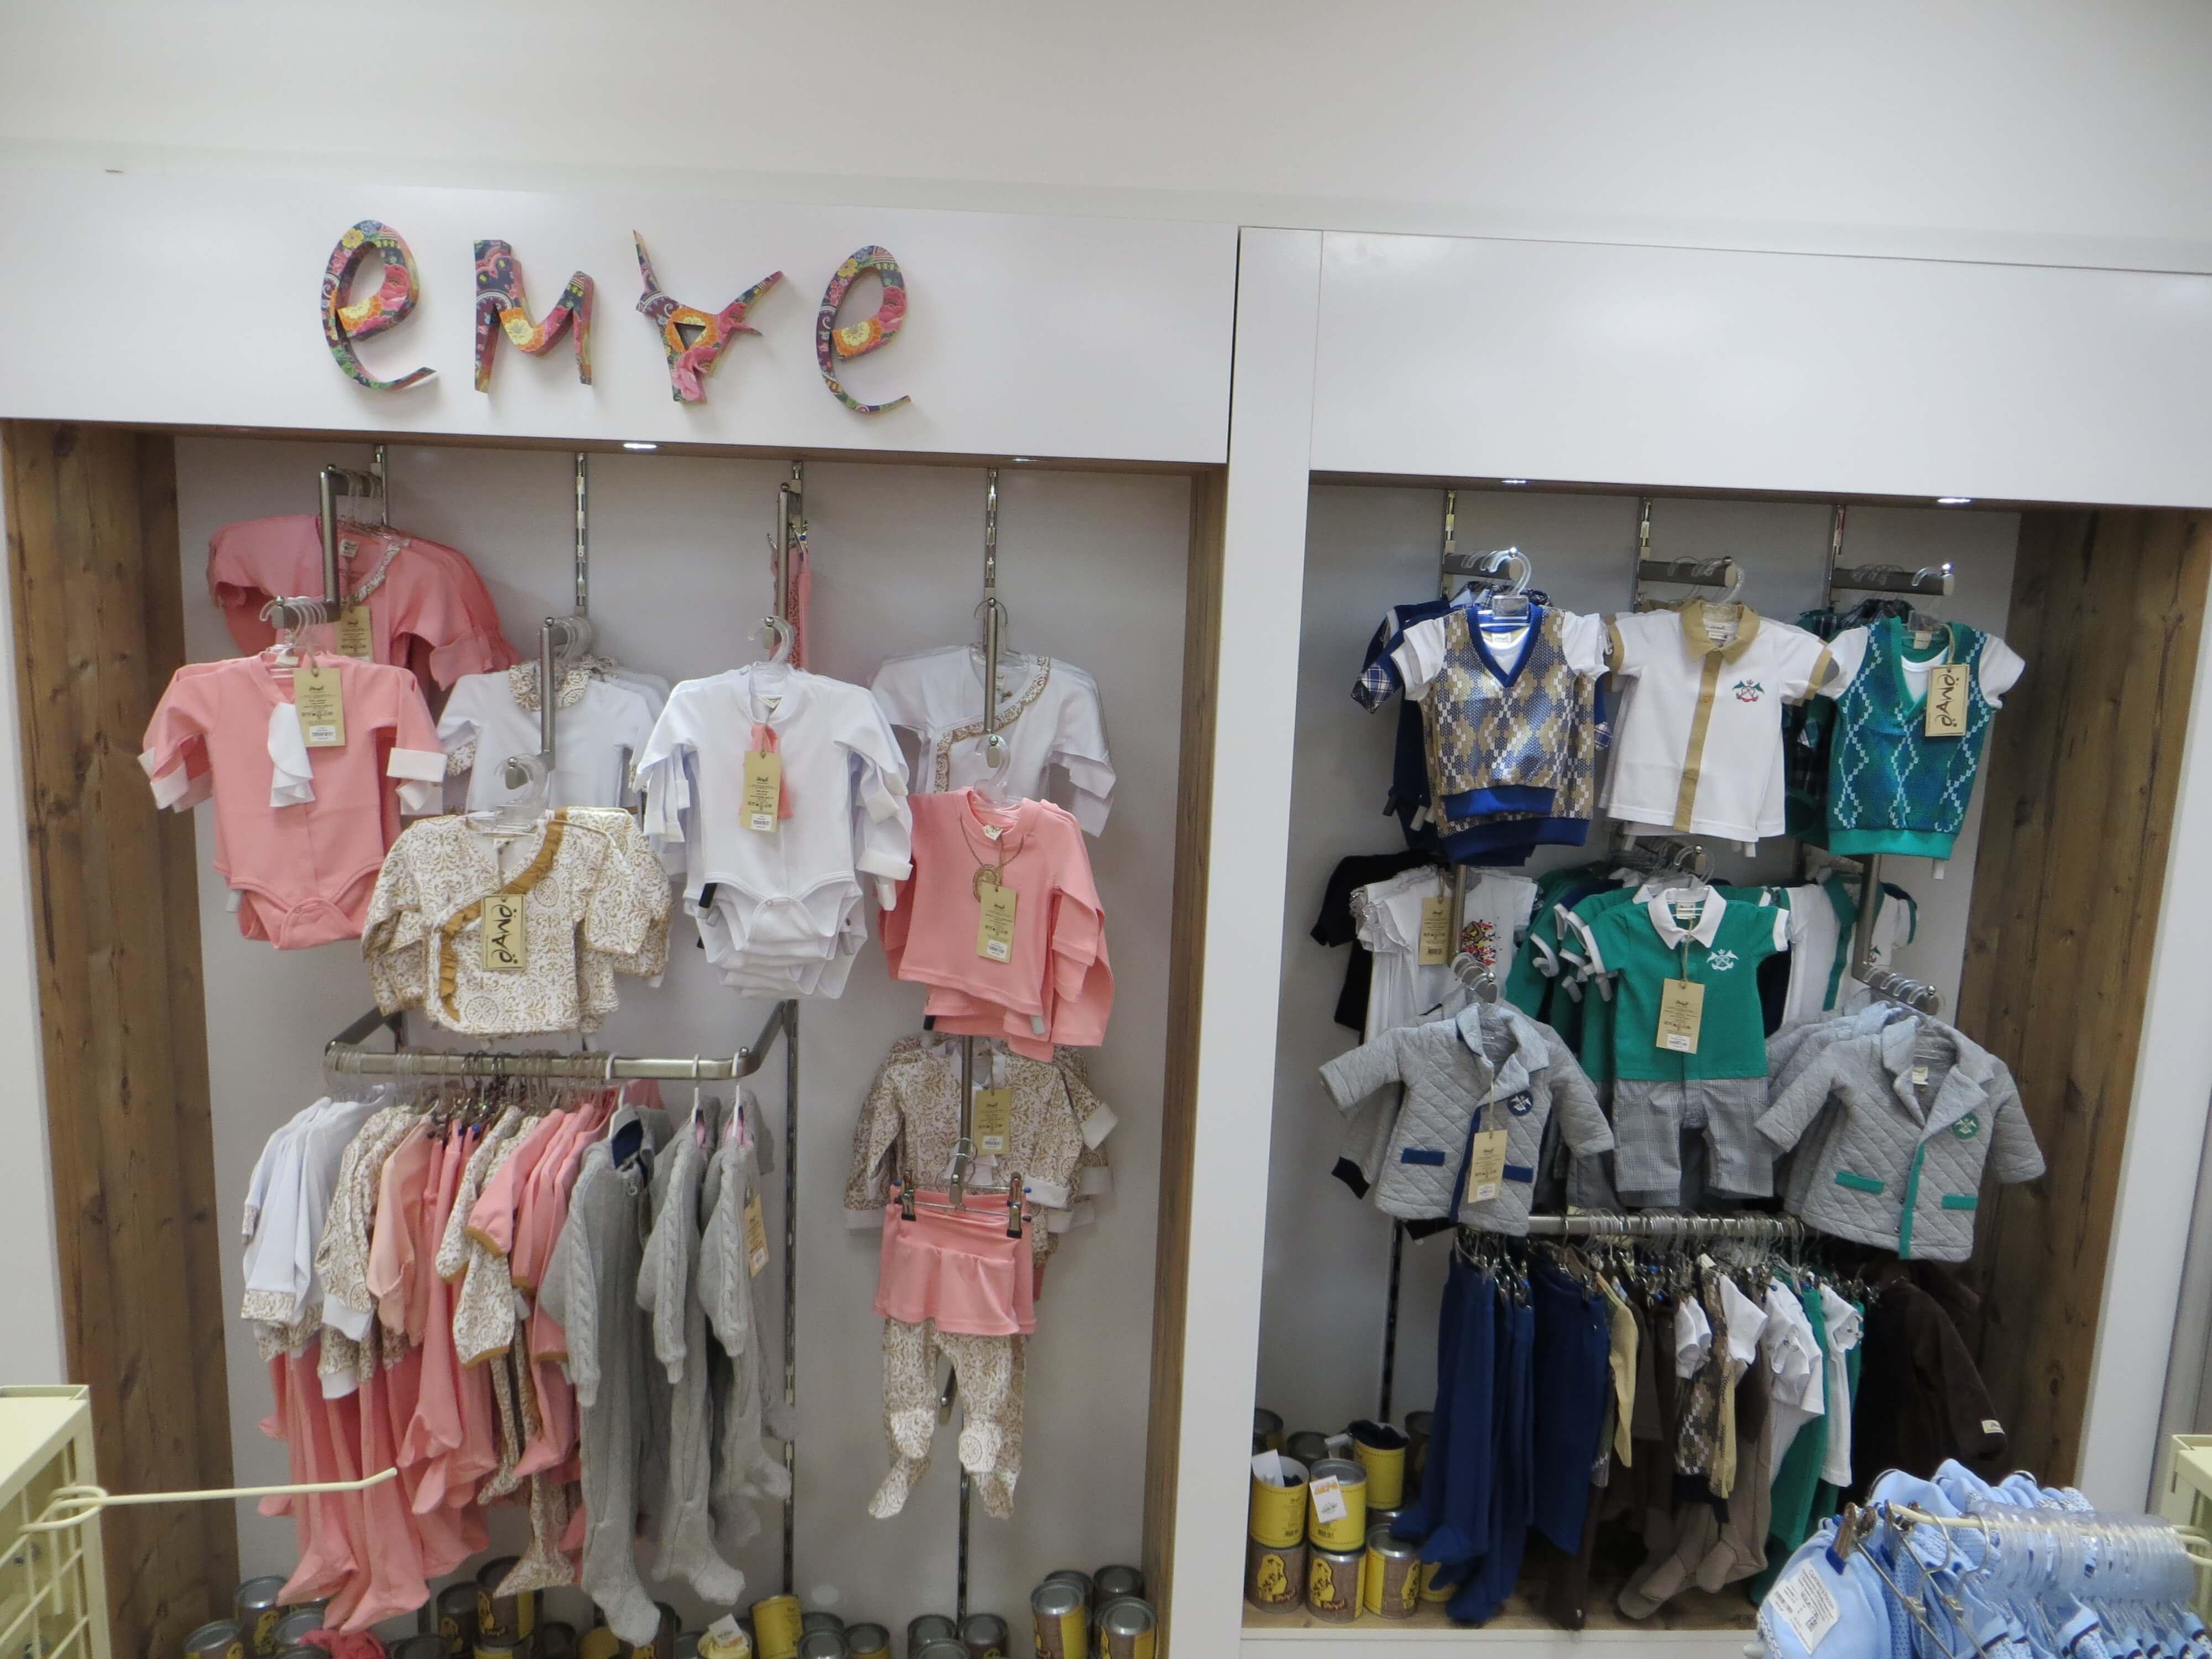 Открытие детского магазина - товары для новорожденных.